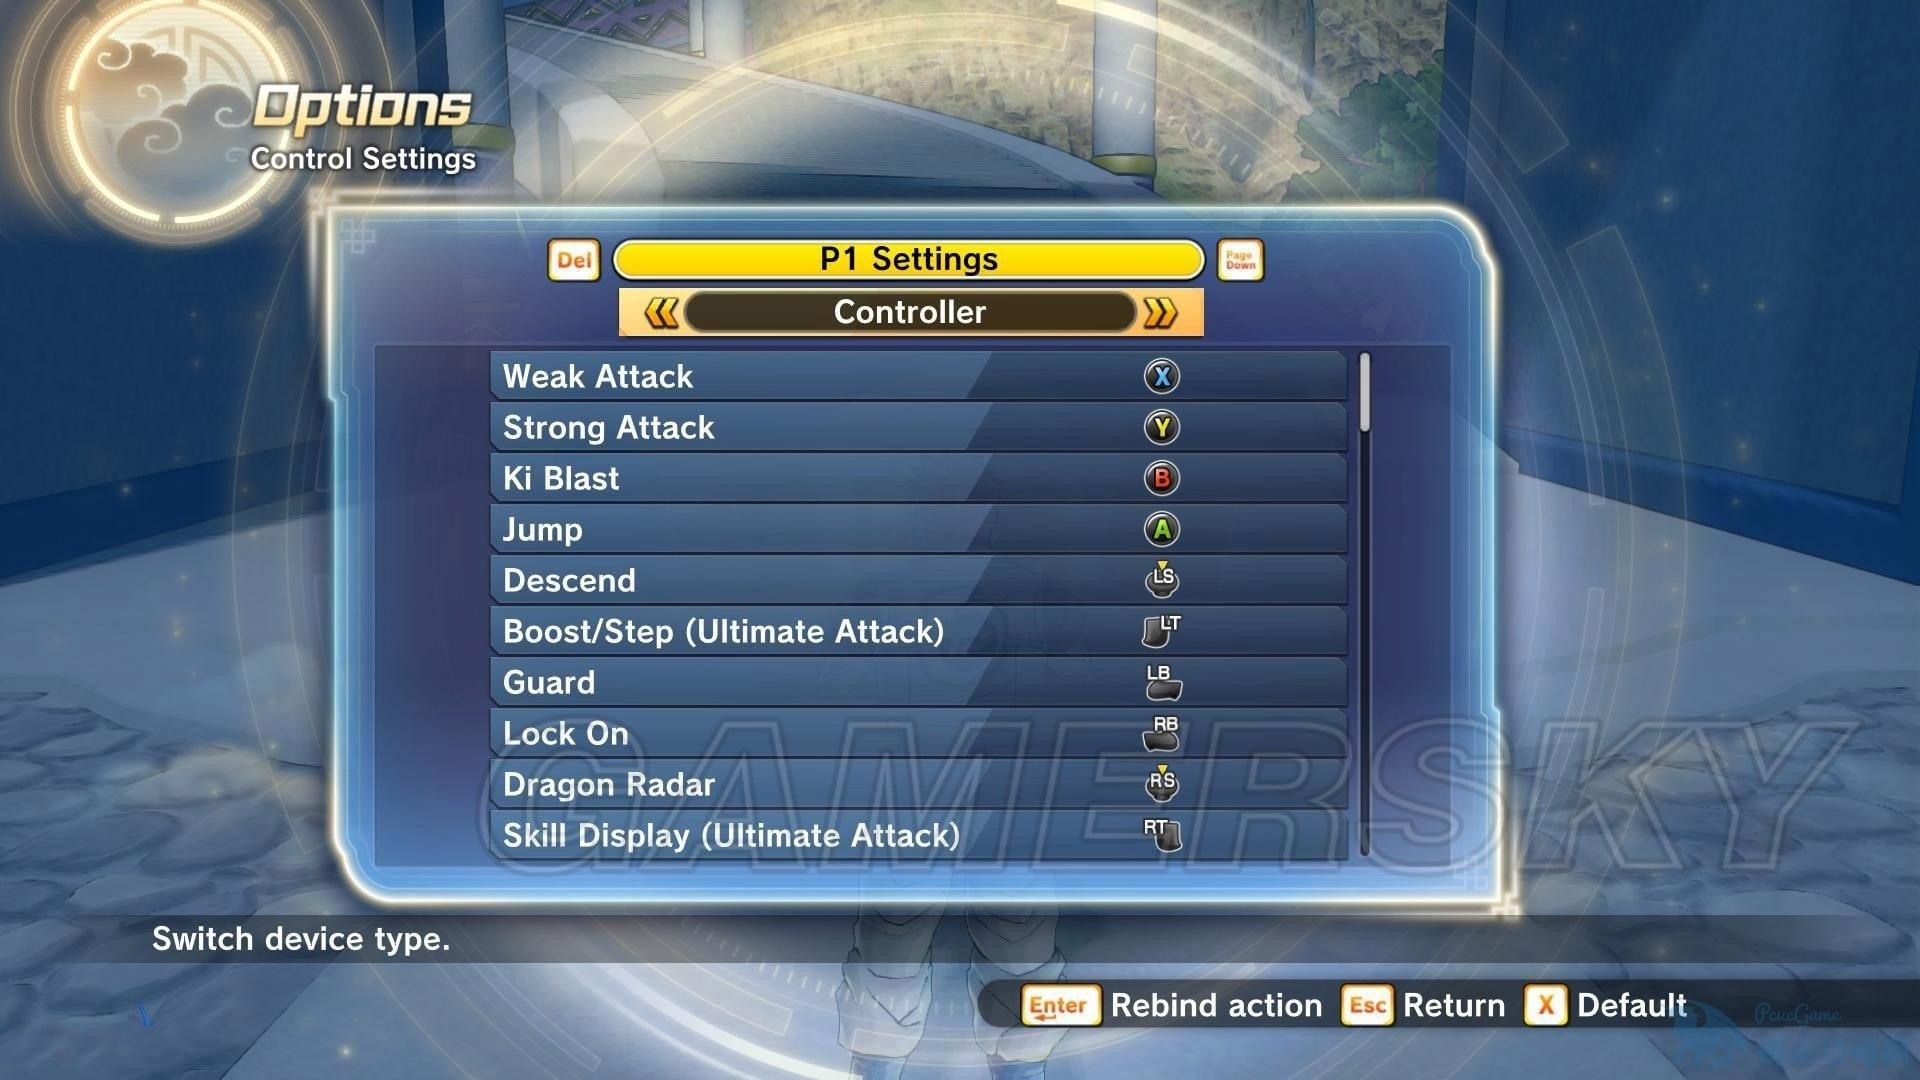 七龍珠 異戰2 圖文攻略 全系統分析上手圖文攻略